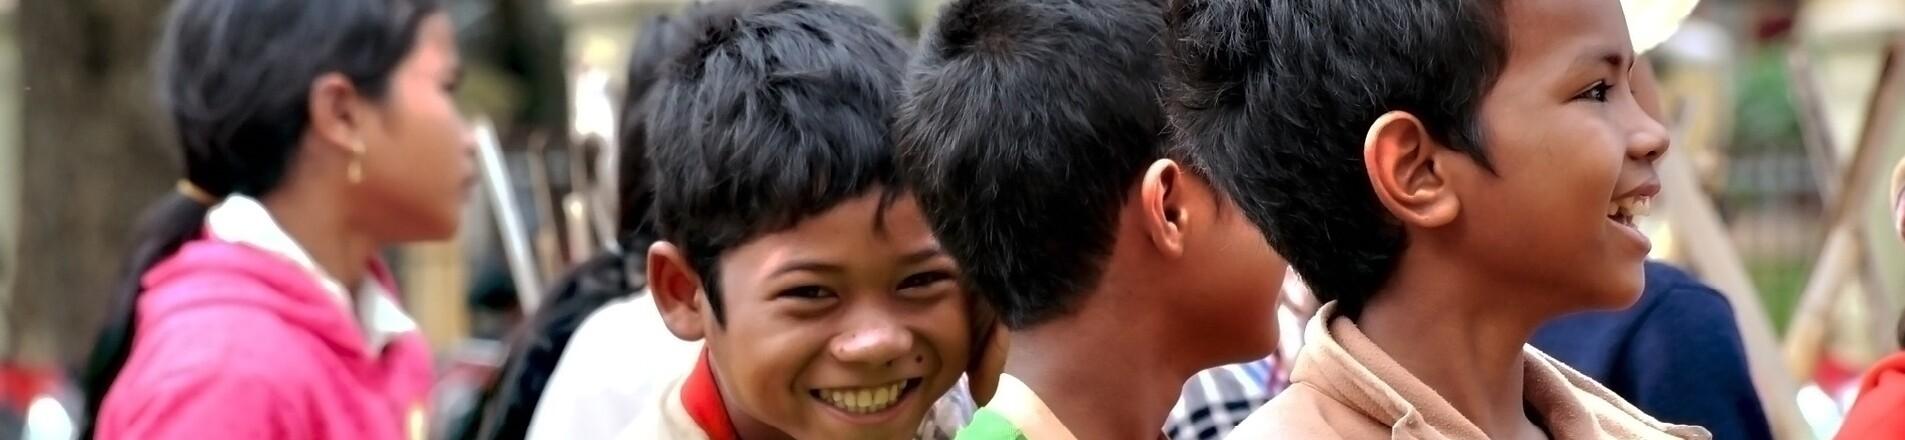 Lloyds raises £5.5 million for Children in Need